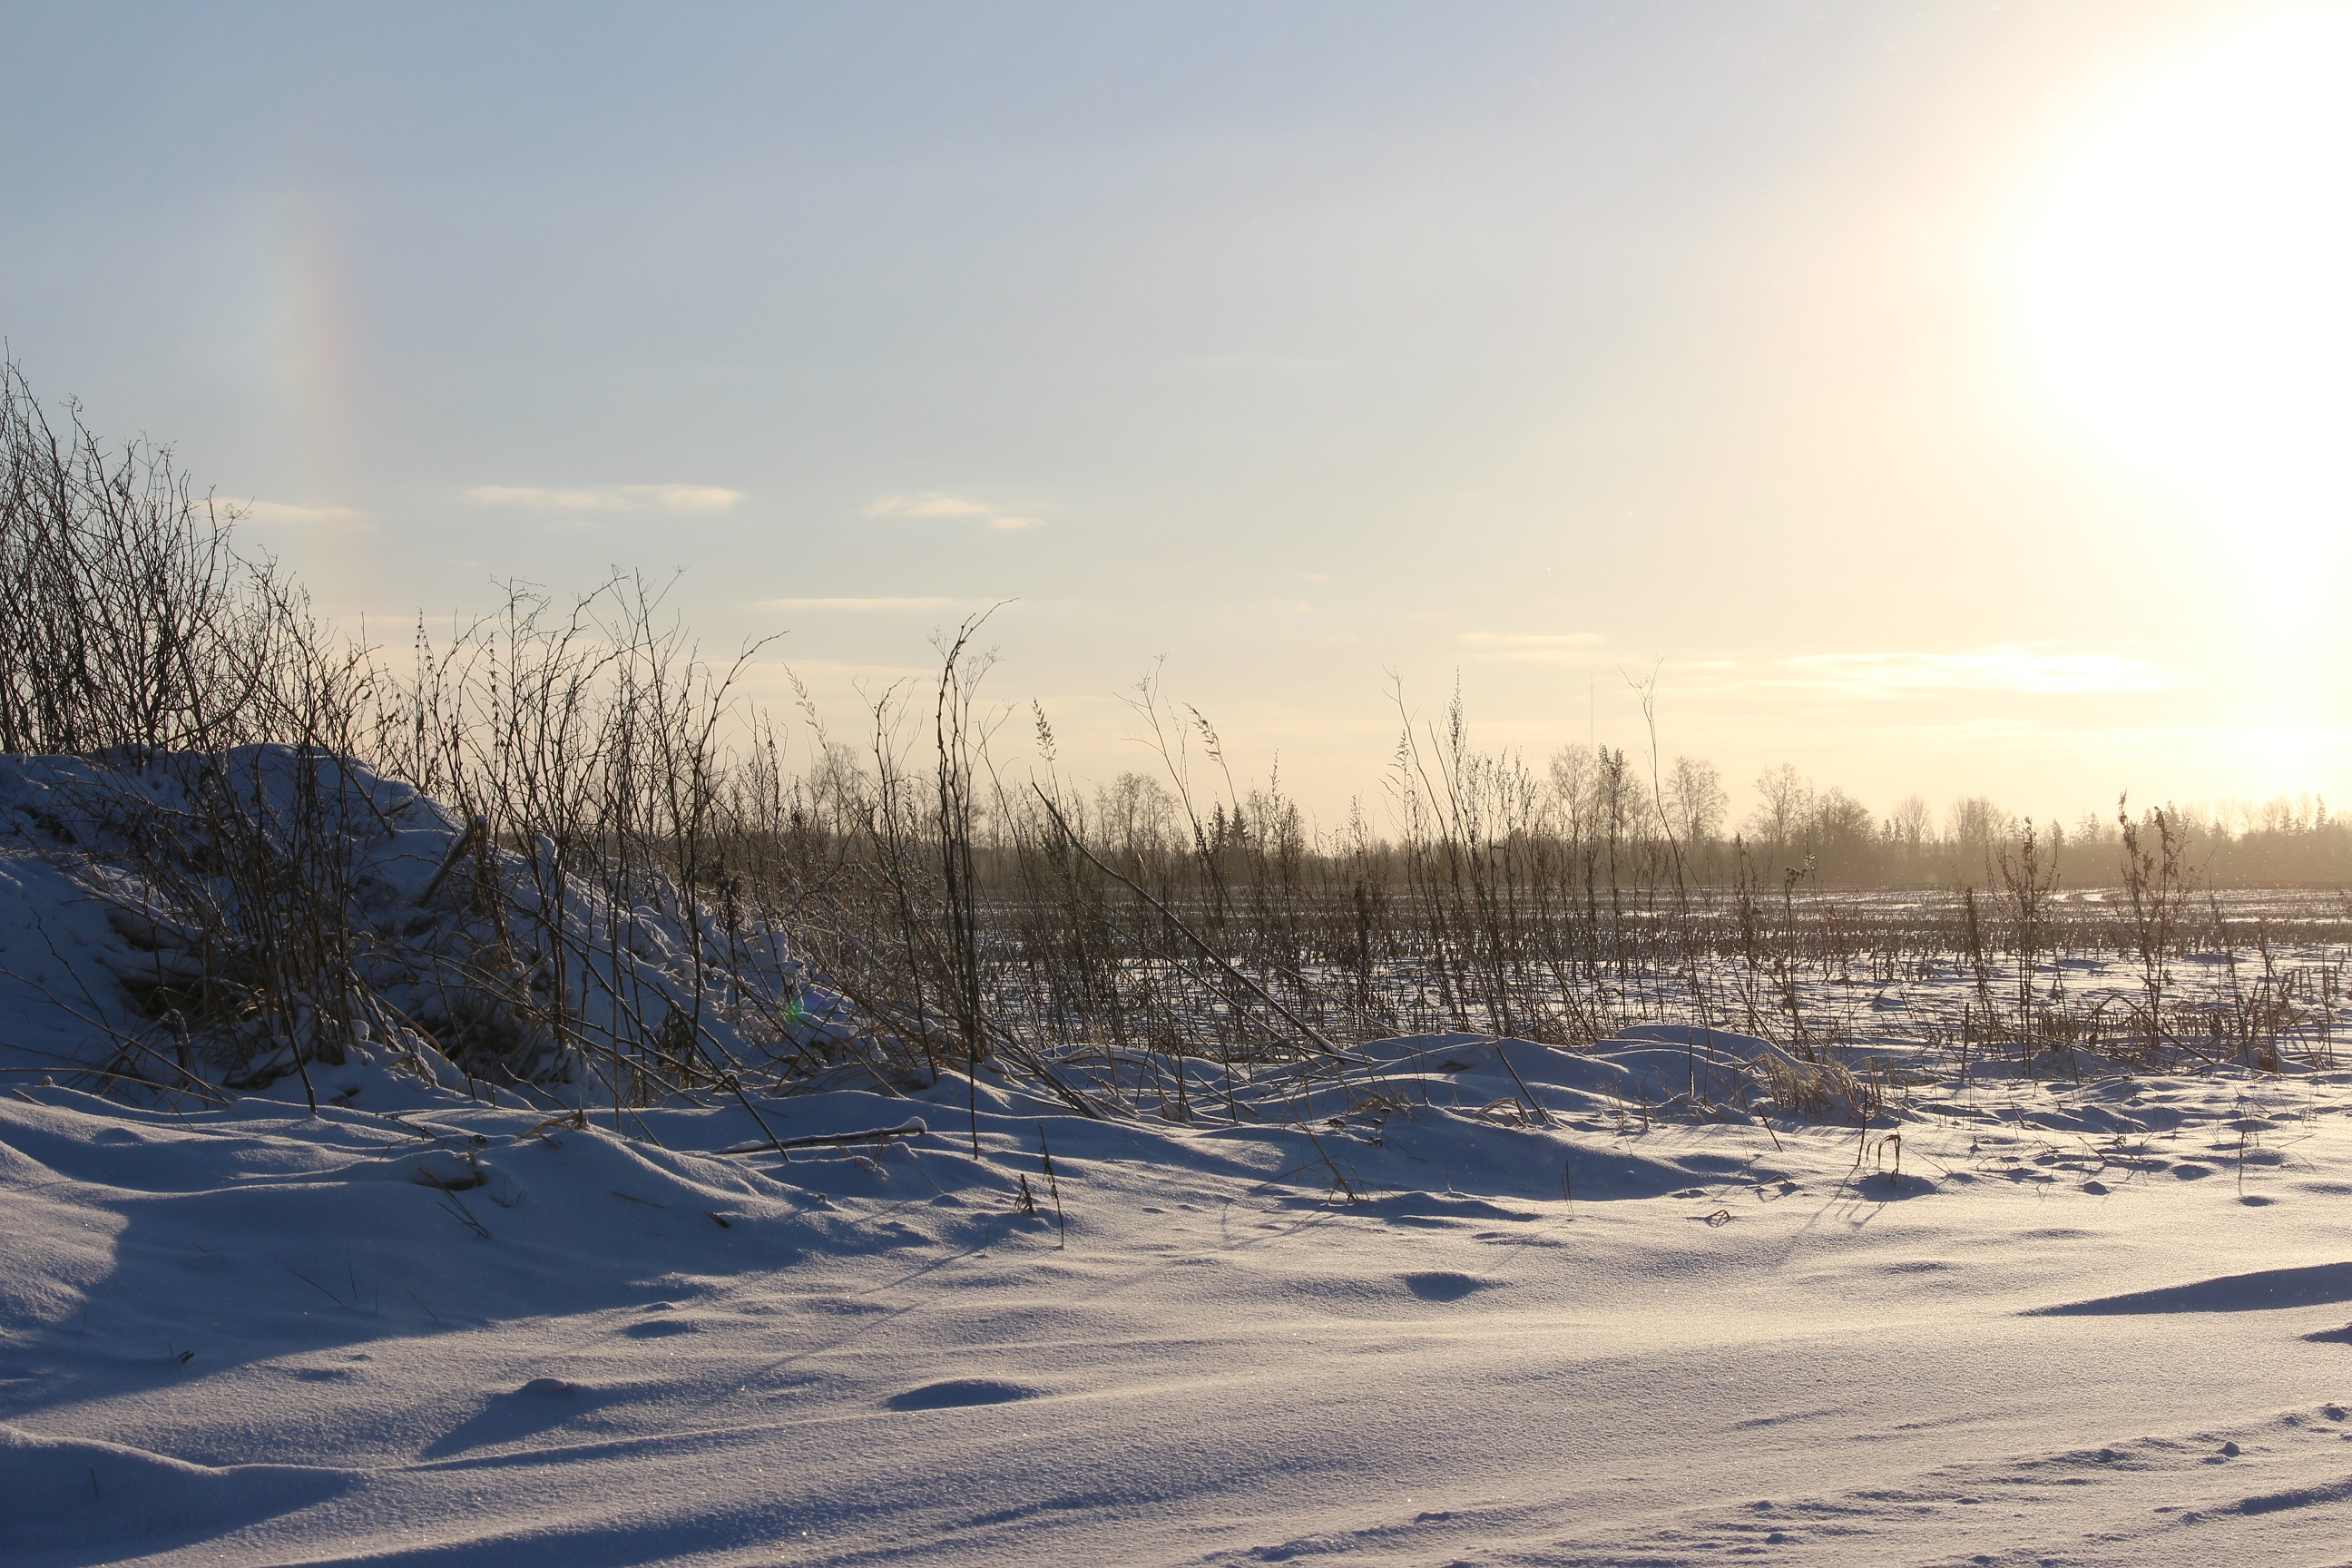 Päev on juba kukesammu võrra pikemaks läinud! Foto: Mikko Selg